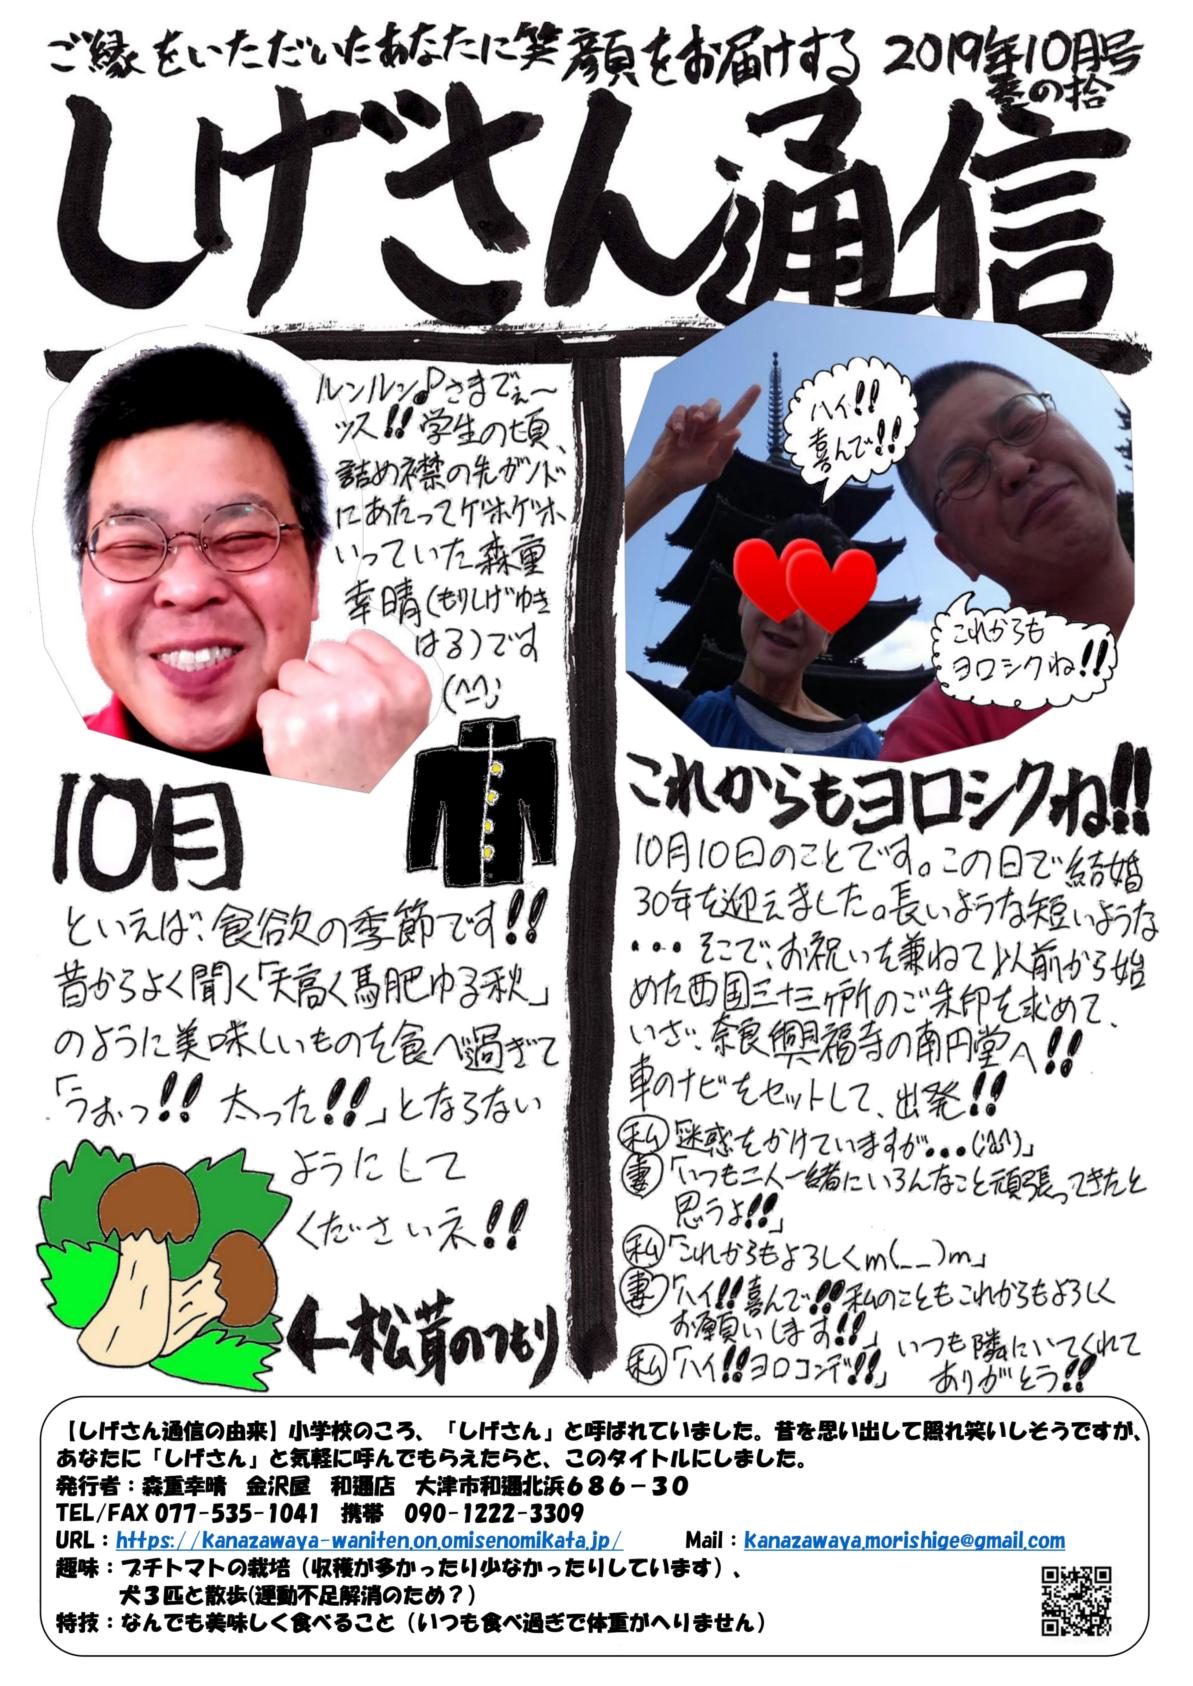 『しげさん通信』2019年10月号 巻の拾